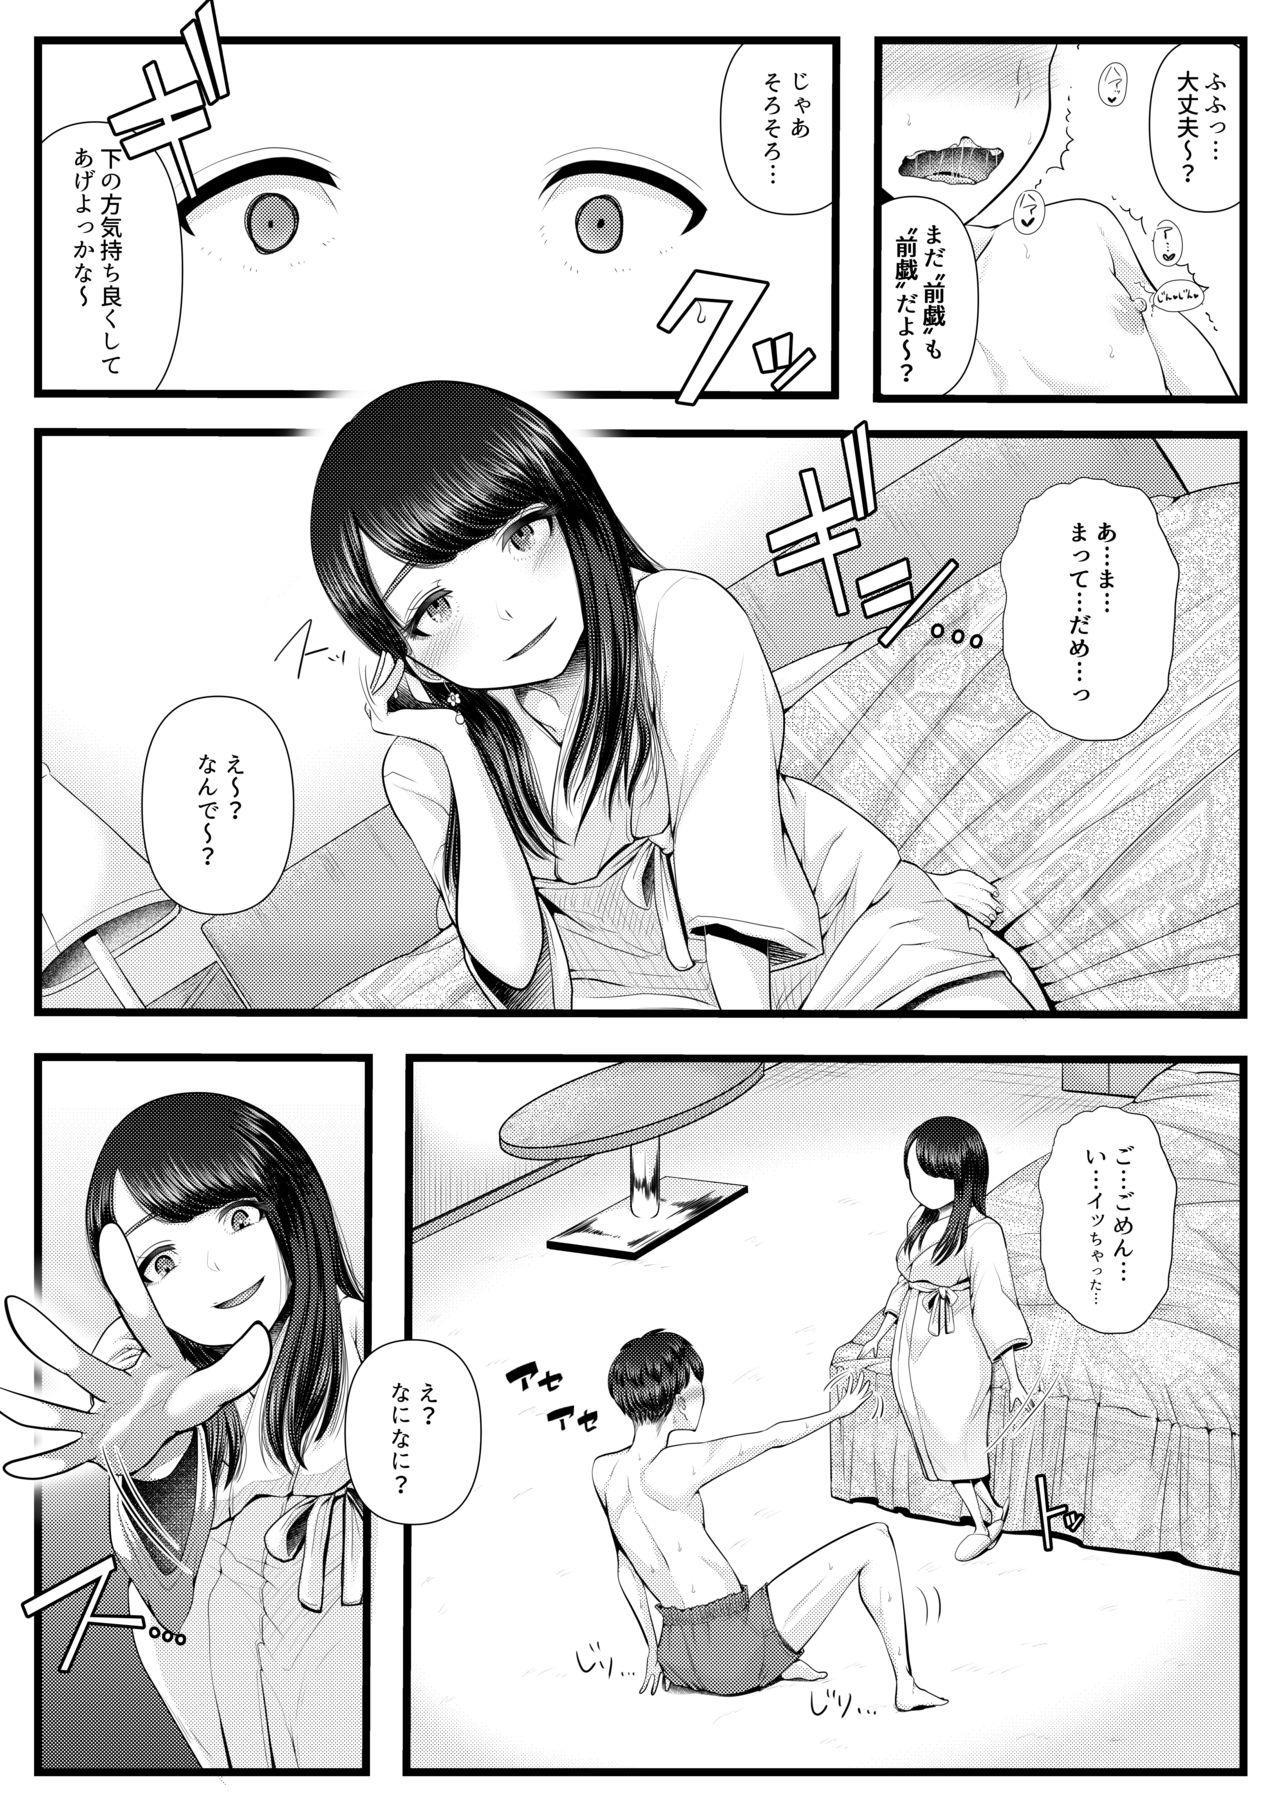 Hajimete no Netorare Maso-ka Choukyou 18